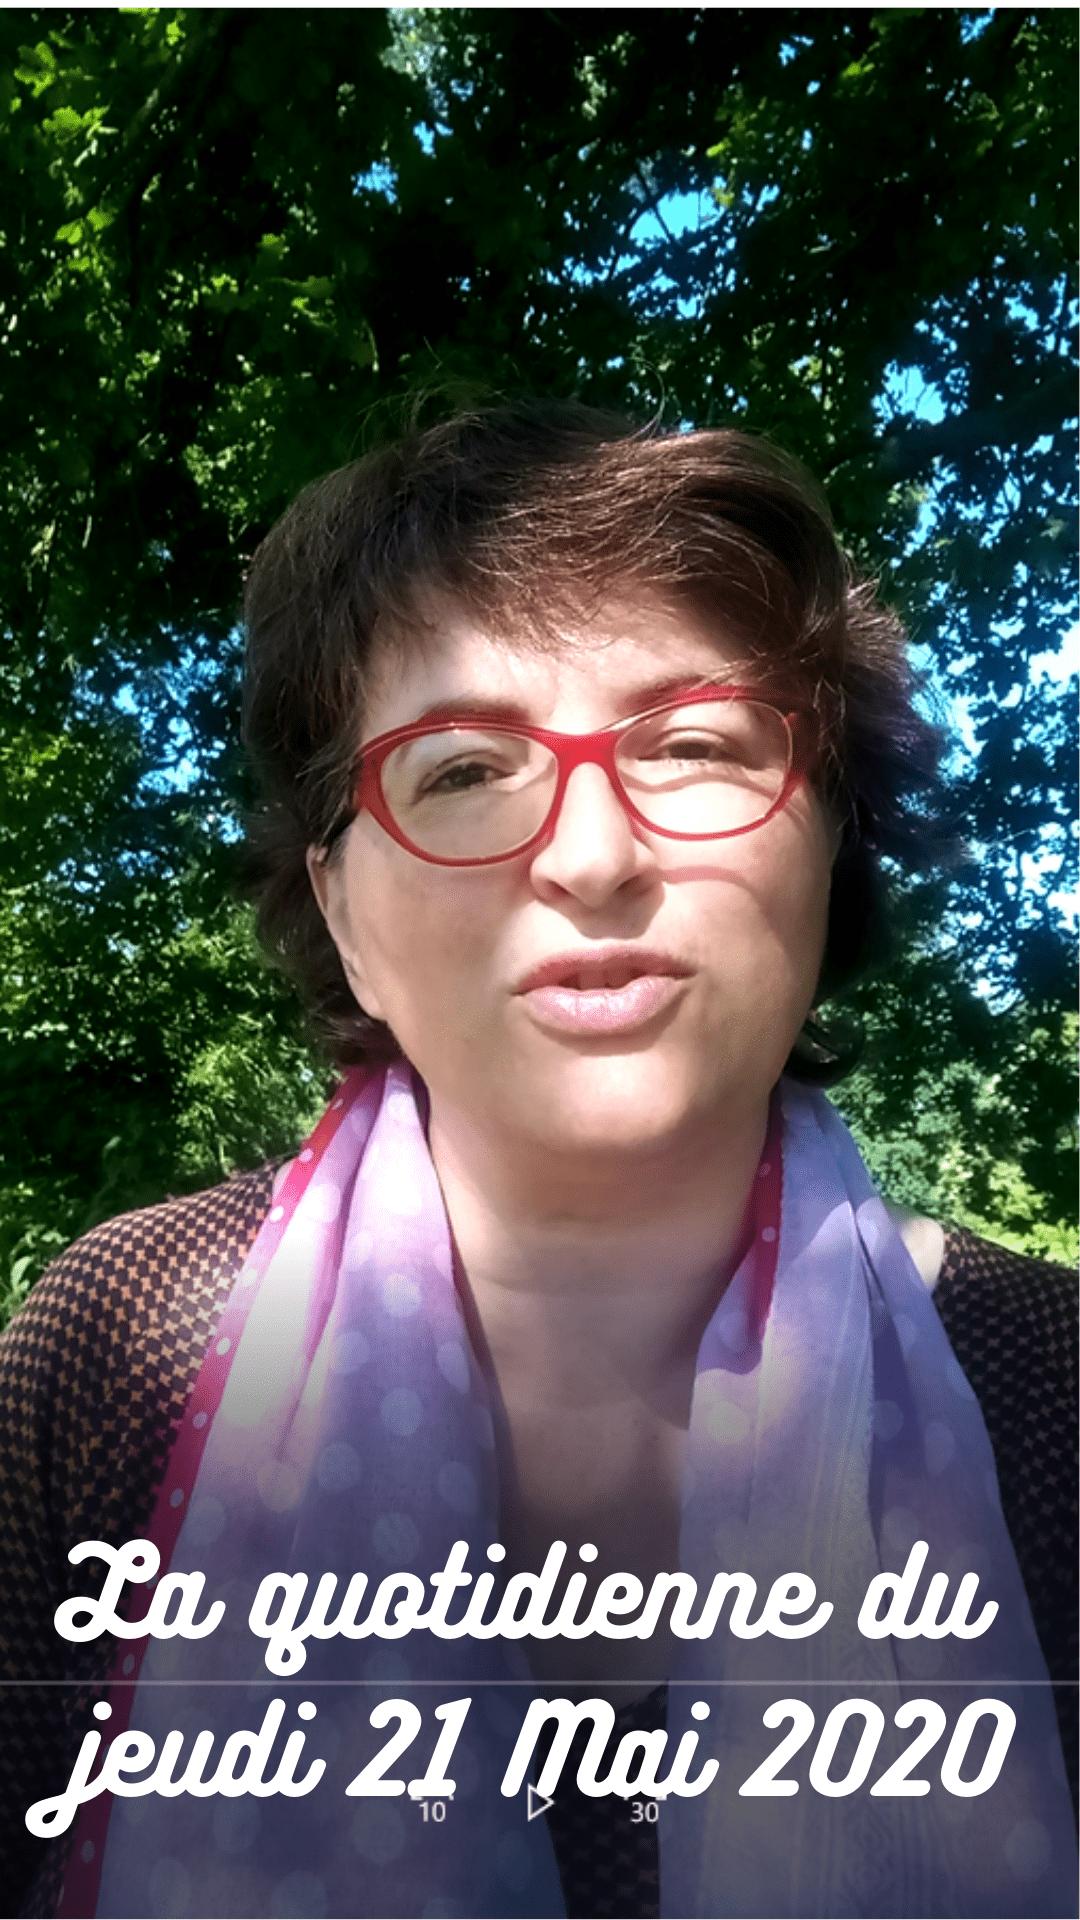 Vidéo La Quotidienne de nadiapaillard.com : Lecture du jour Jeudi 21 Mai 2020, fête à souhaiter, lecture de 2 extraits de livre